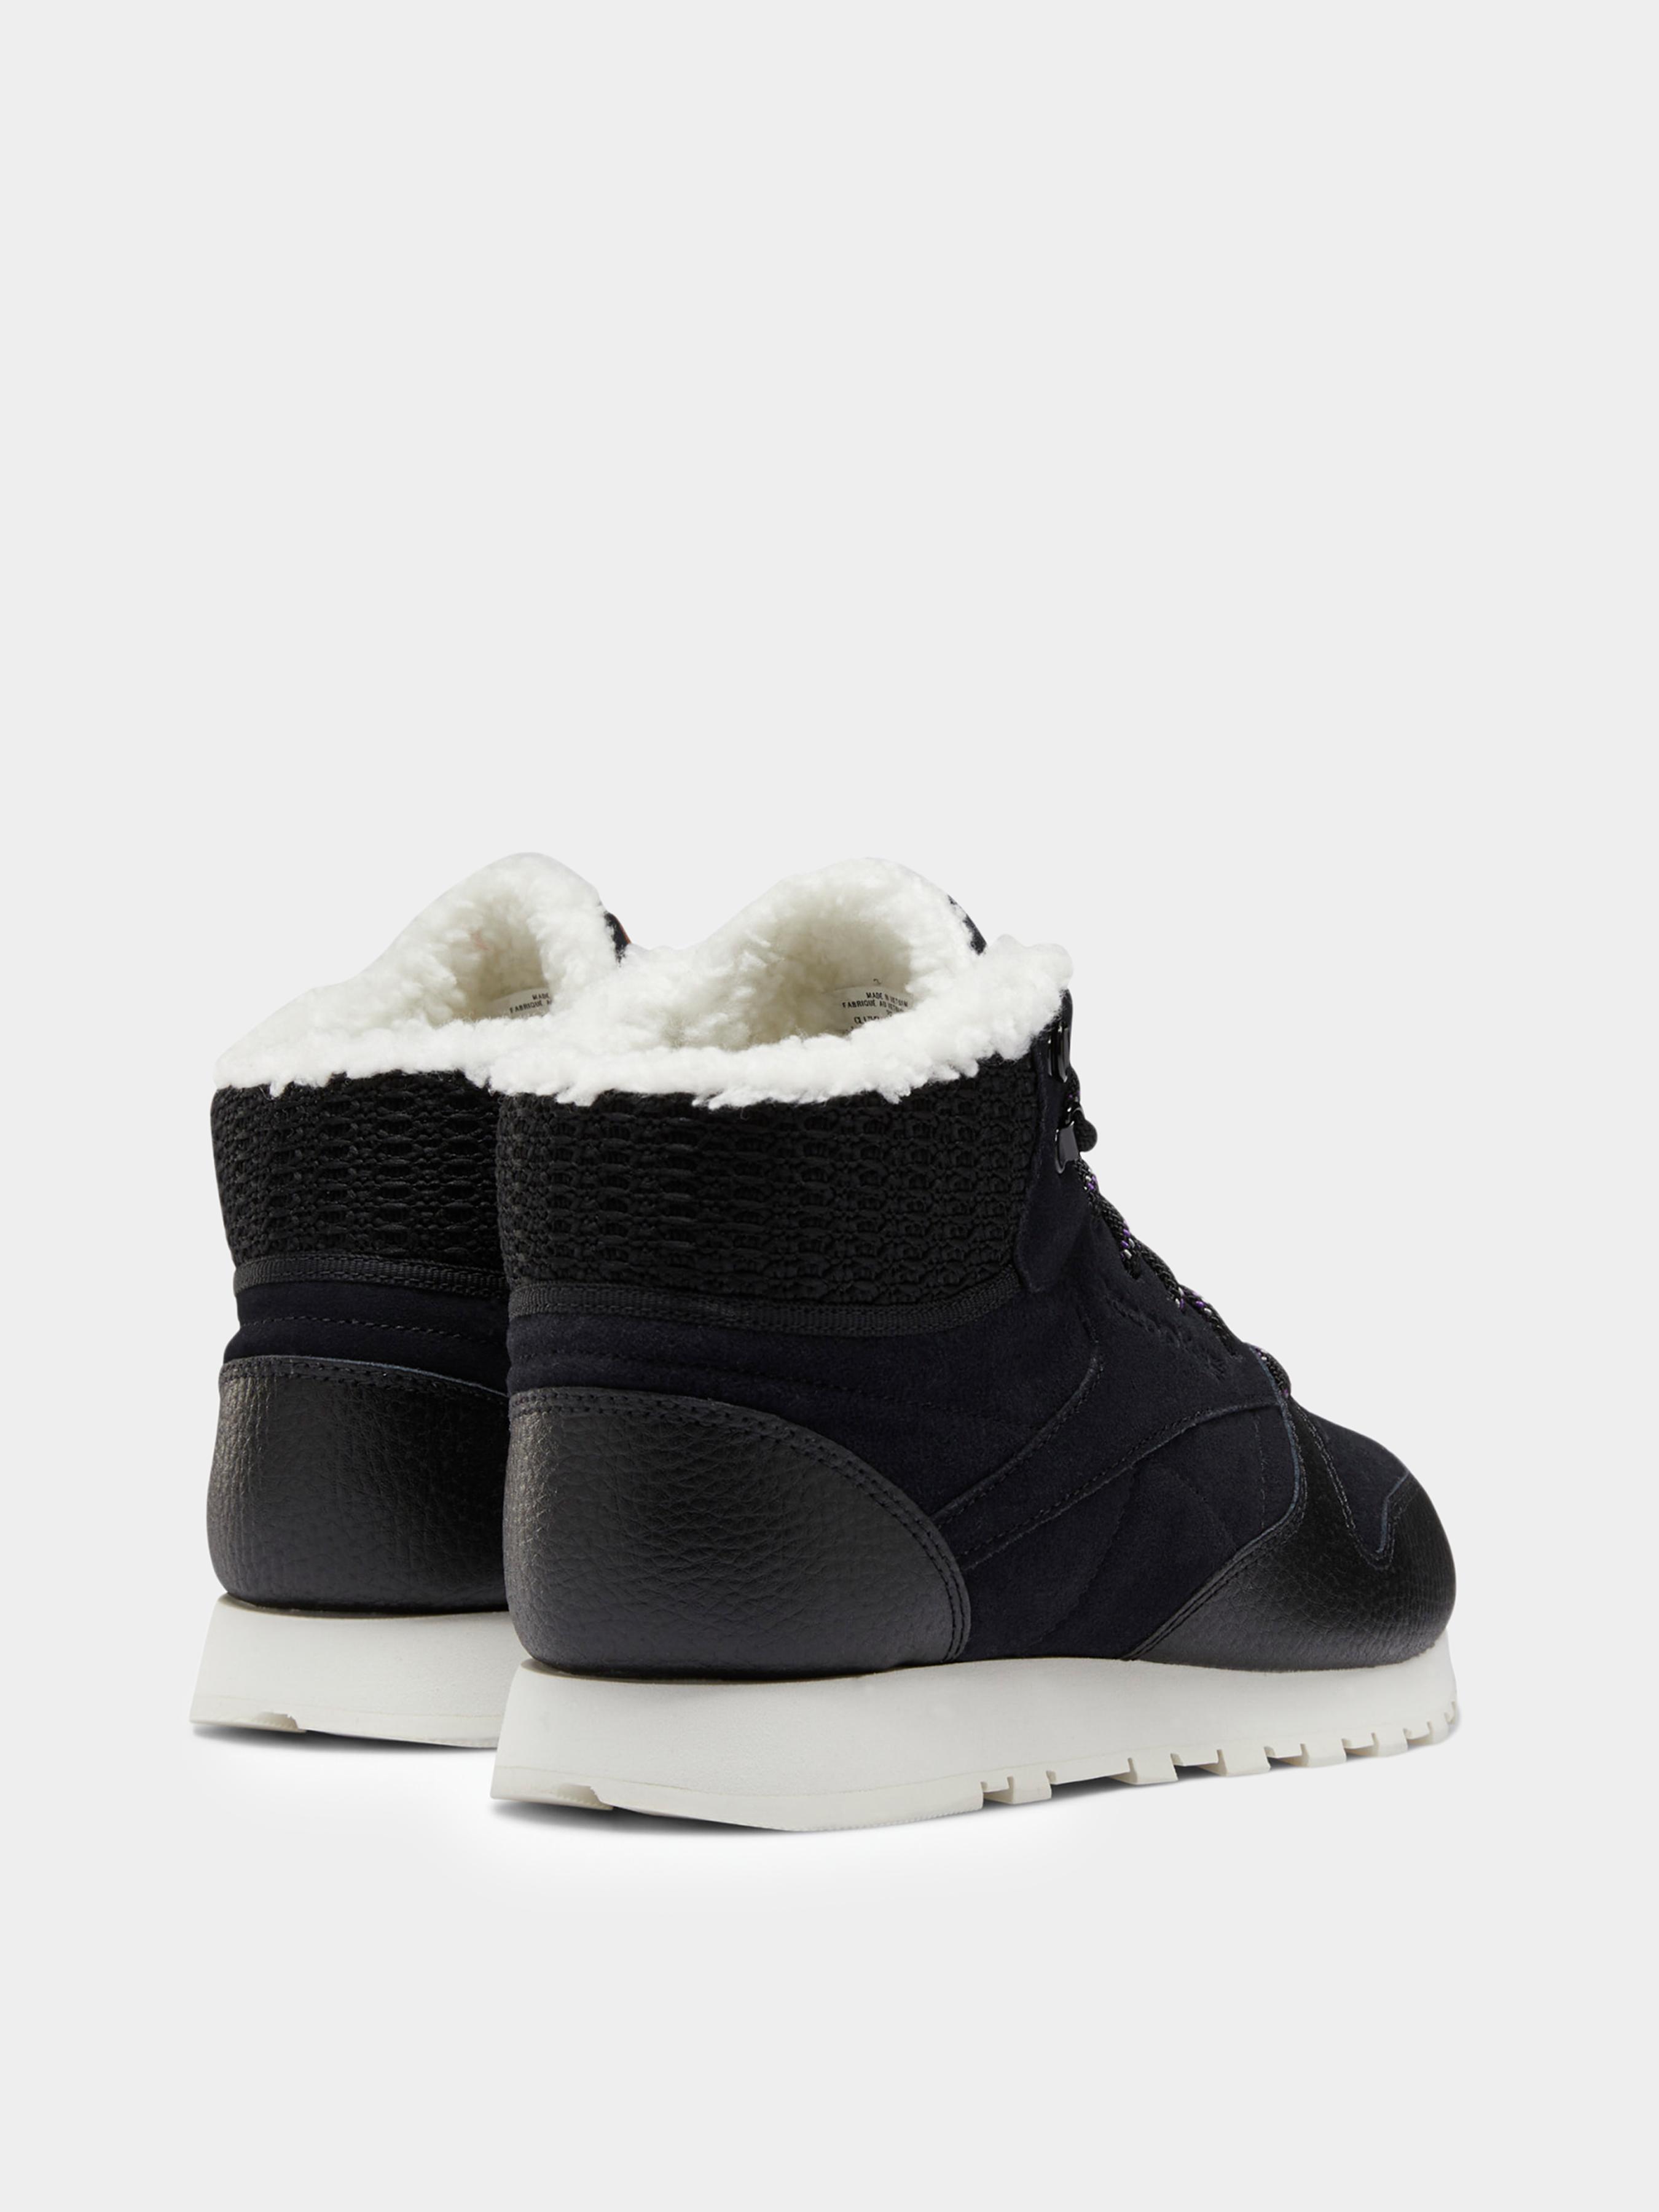 Кросівки  для жінок Reebok CL LTHR ARCTIC BOOT DV7233 модне взуття, 2017